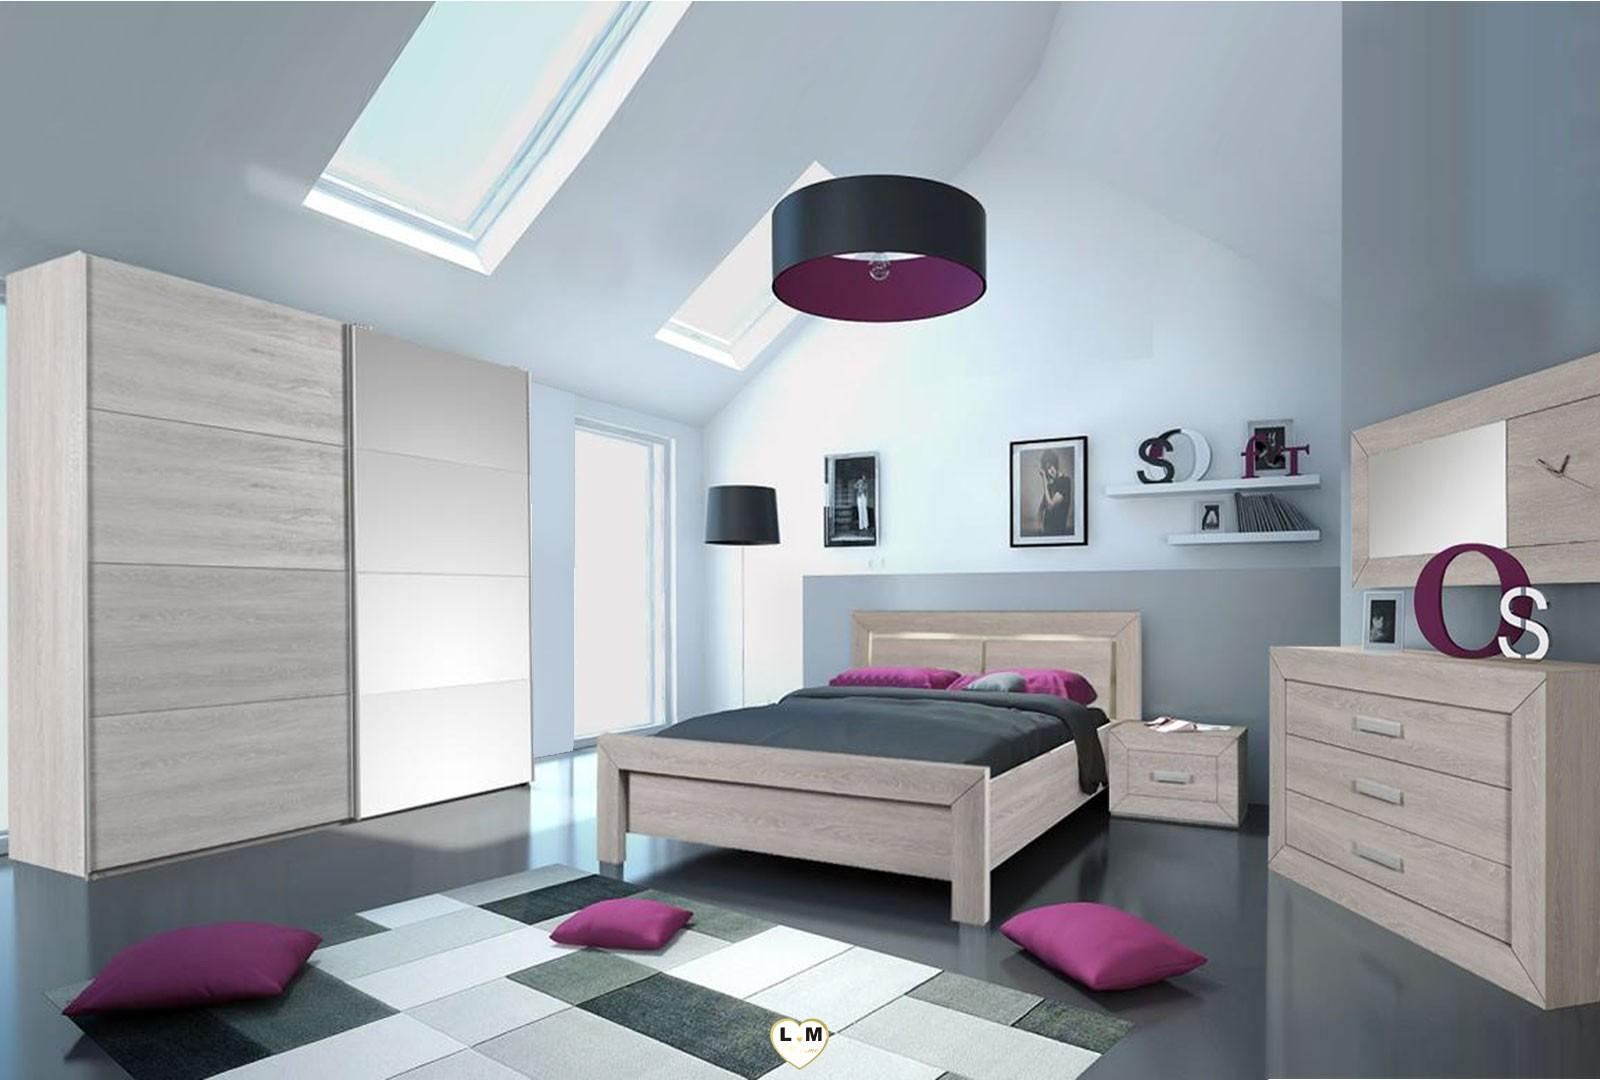 olonne chene clair ensemble chambre a coucher moderne lignemeuble com. Black Bedroom Furniture Sets. Home Design Ideas